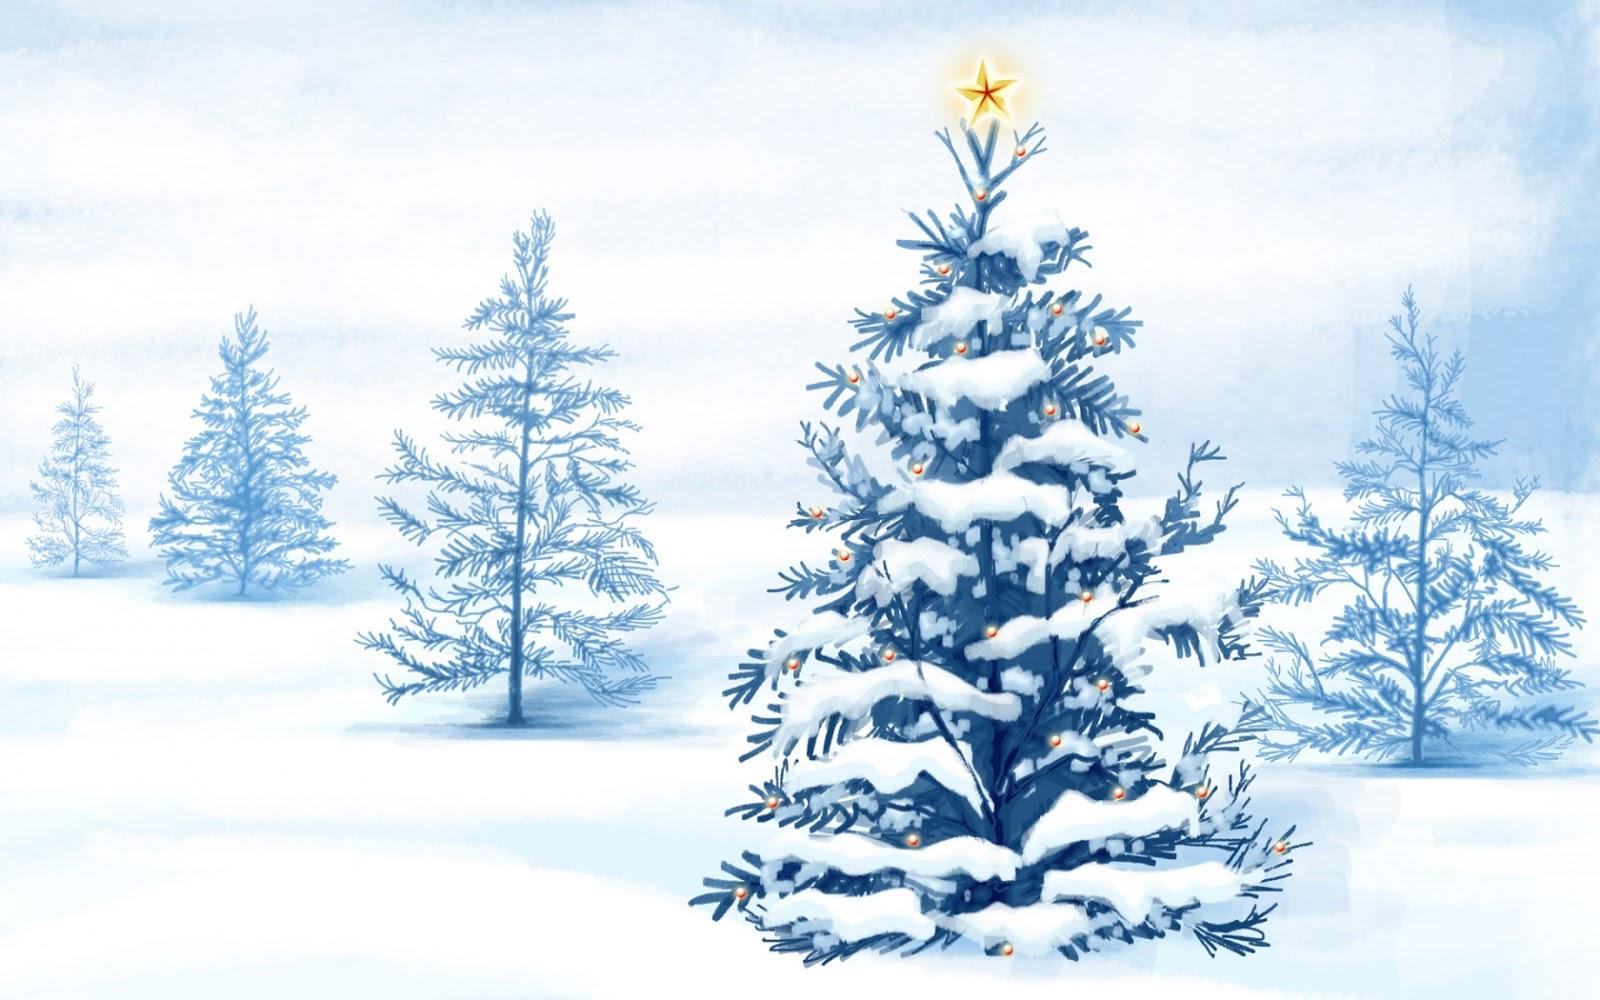 http://2.bp.blogspot.com/-cA7Q6CwVbhs/UN3GhtAjM5I/AAAAAAAAhJU/MPLBjmkNjdA/s1600/christmas_snow_trees-1680x1050.jpg